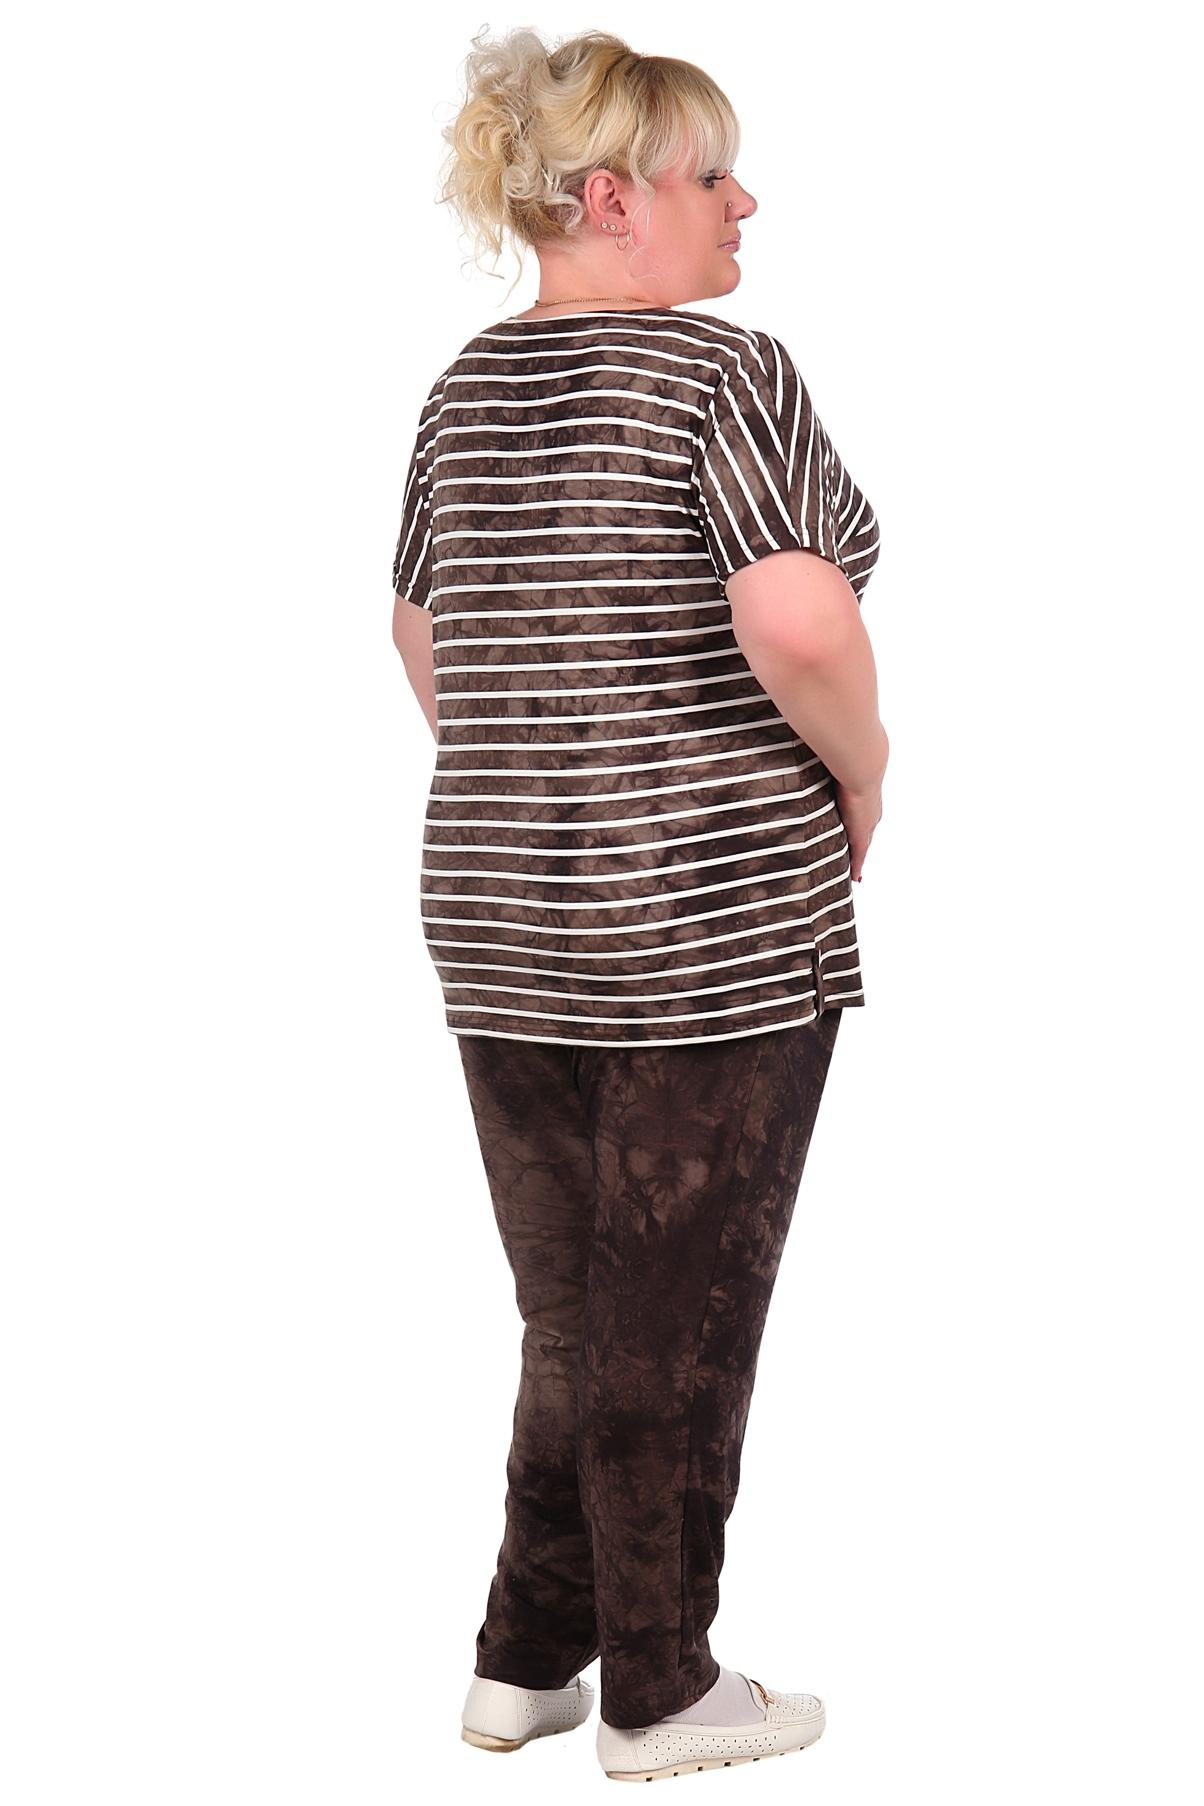 Жен. костюм арт. 16-0018 коричневый р.